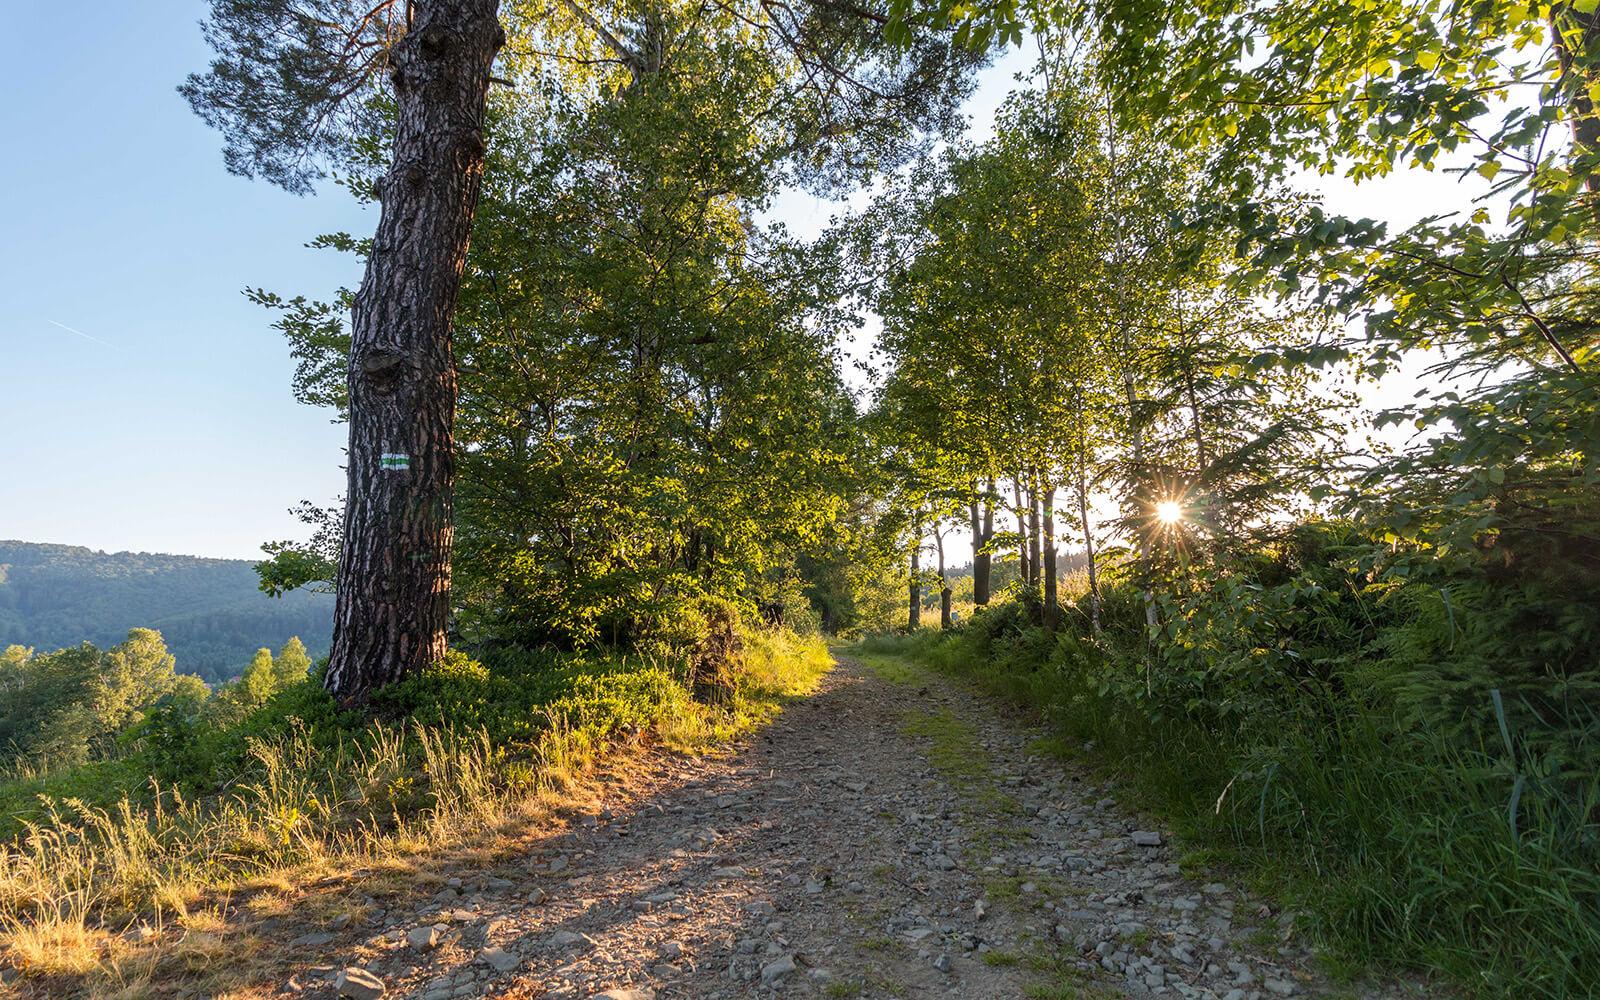 Zielony szlak turystyczny naBłatnie